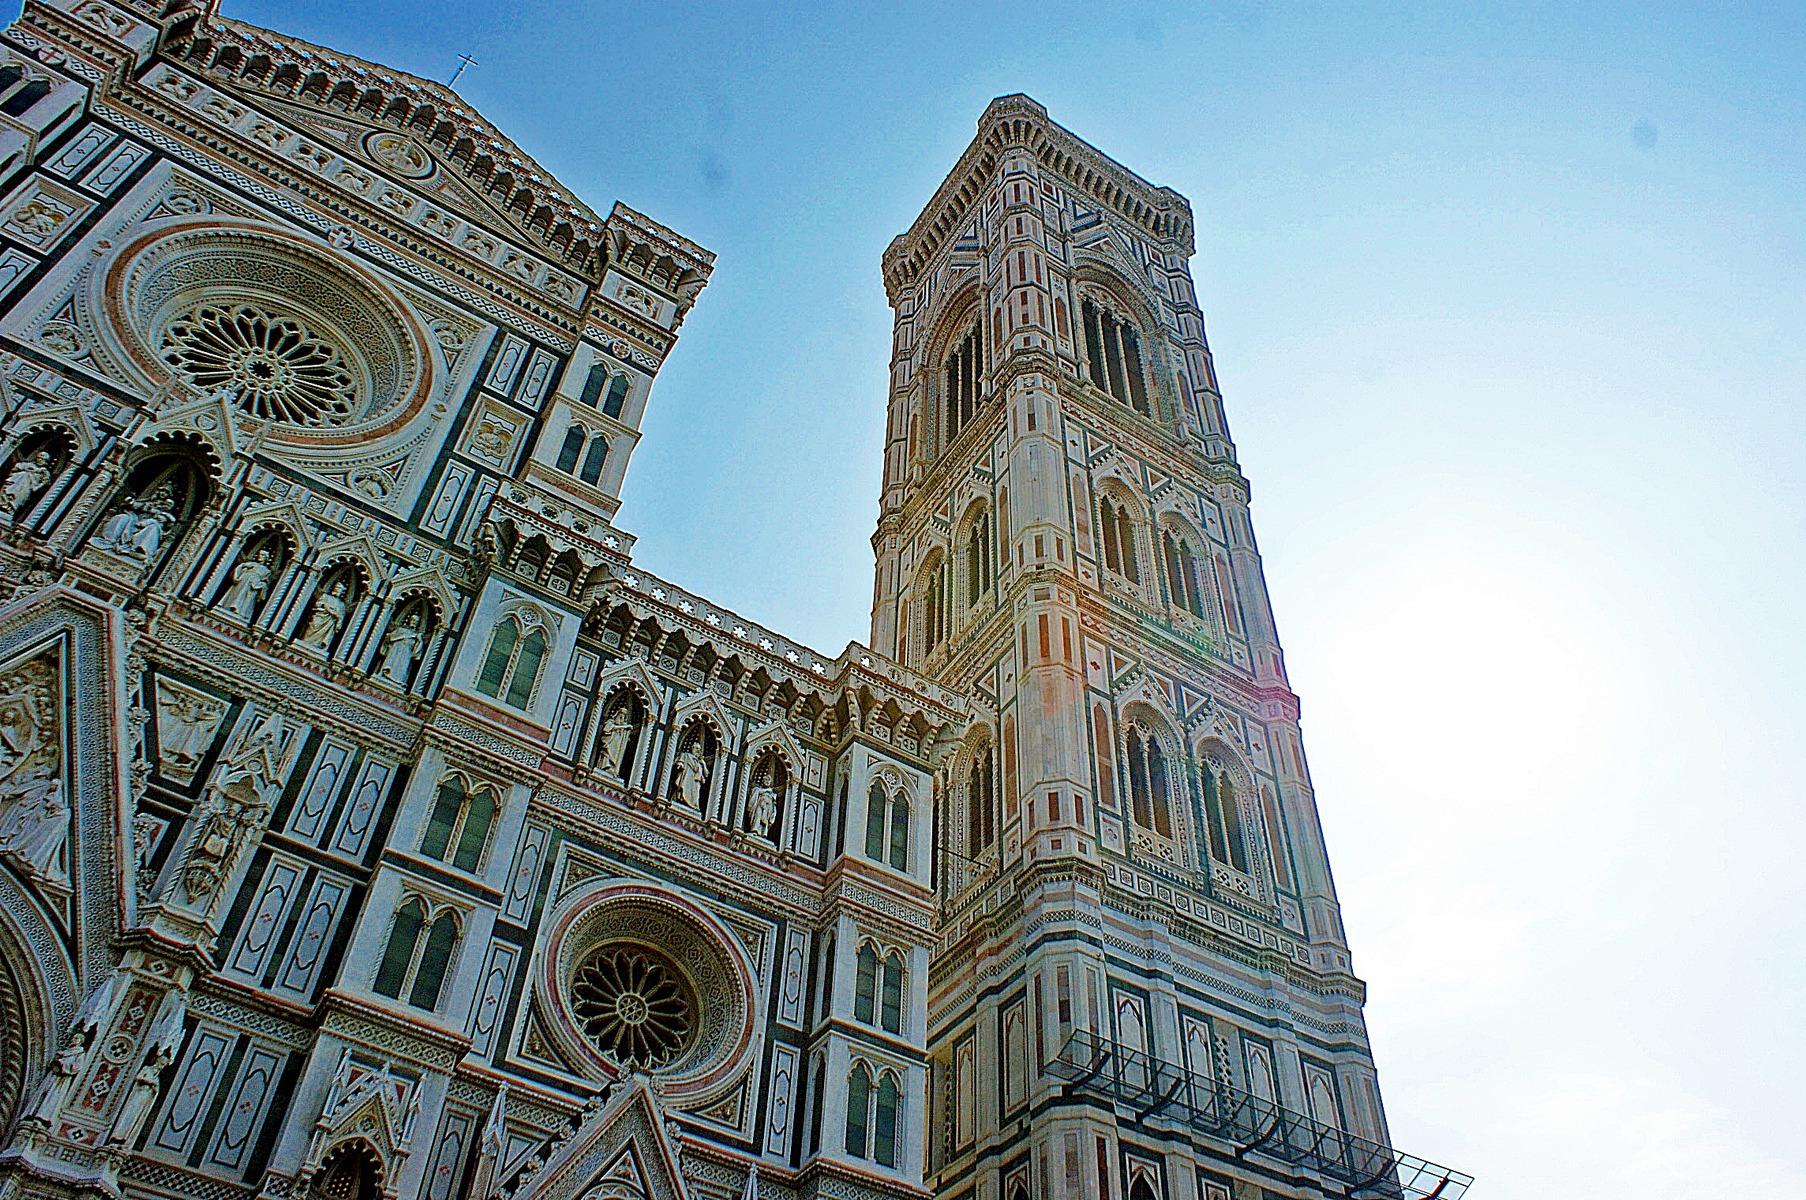 Колокольня Джотто во Флоренции